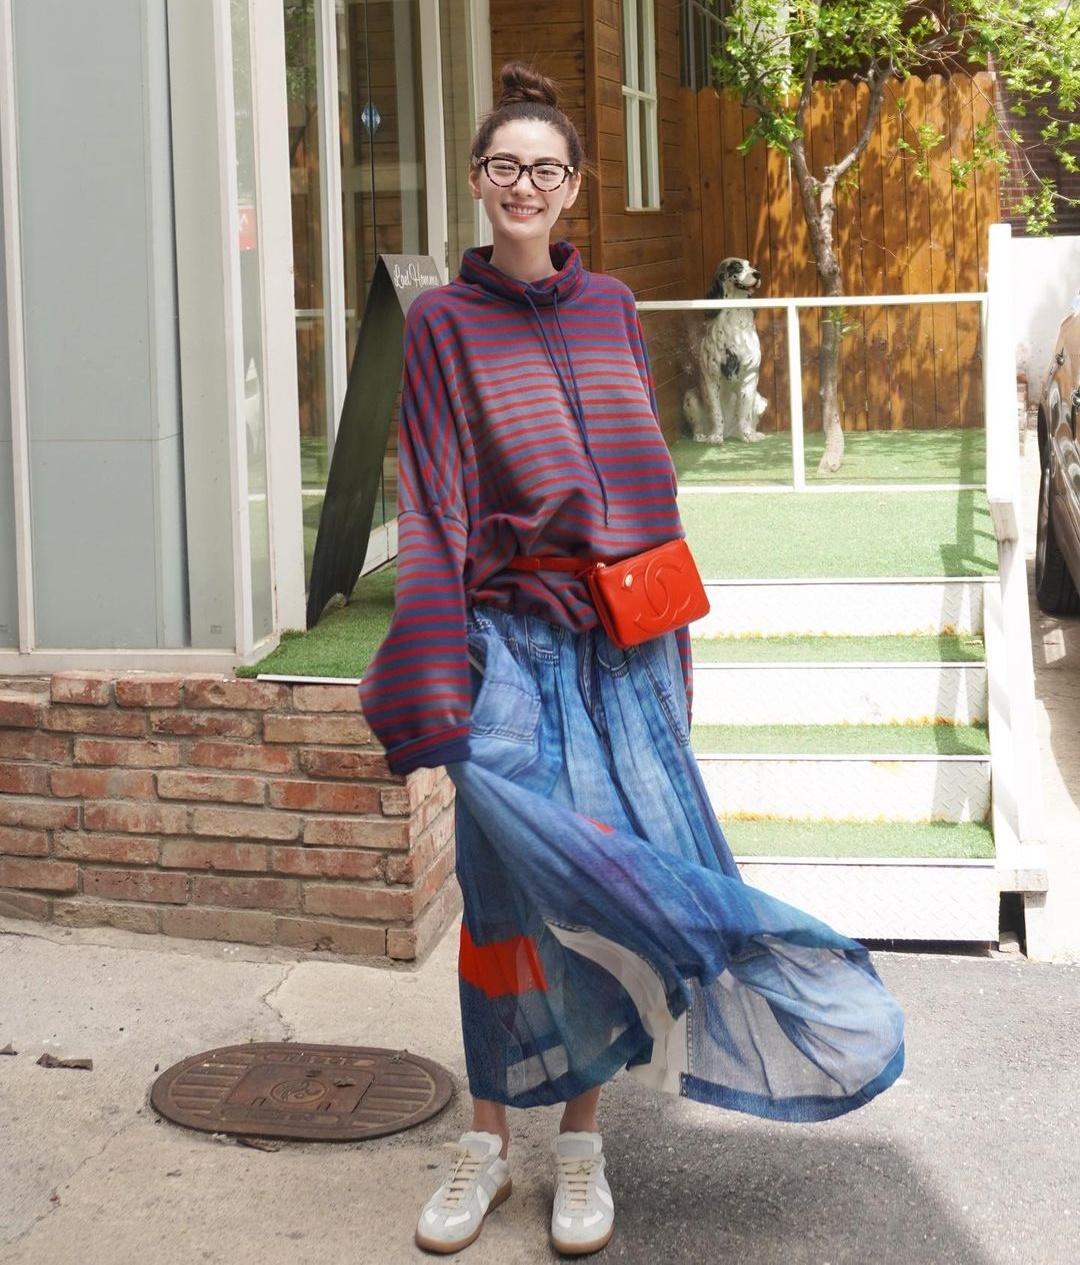 Chán style gợi cảm cool ngầu, Nana đổi gió với trang phục rộng thênh nuốt dáng nhưng đáng yêu lạ.